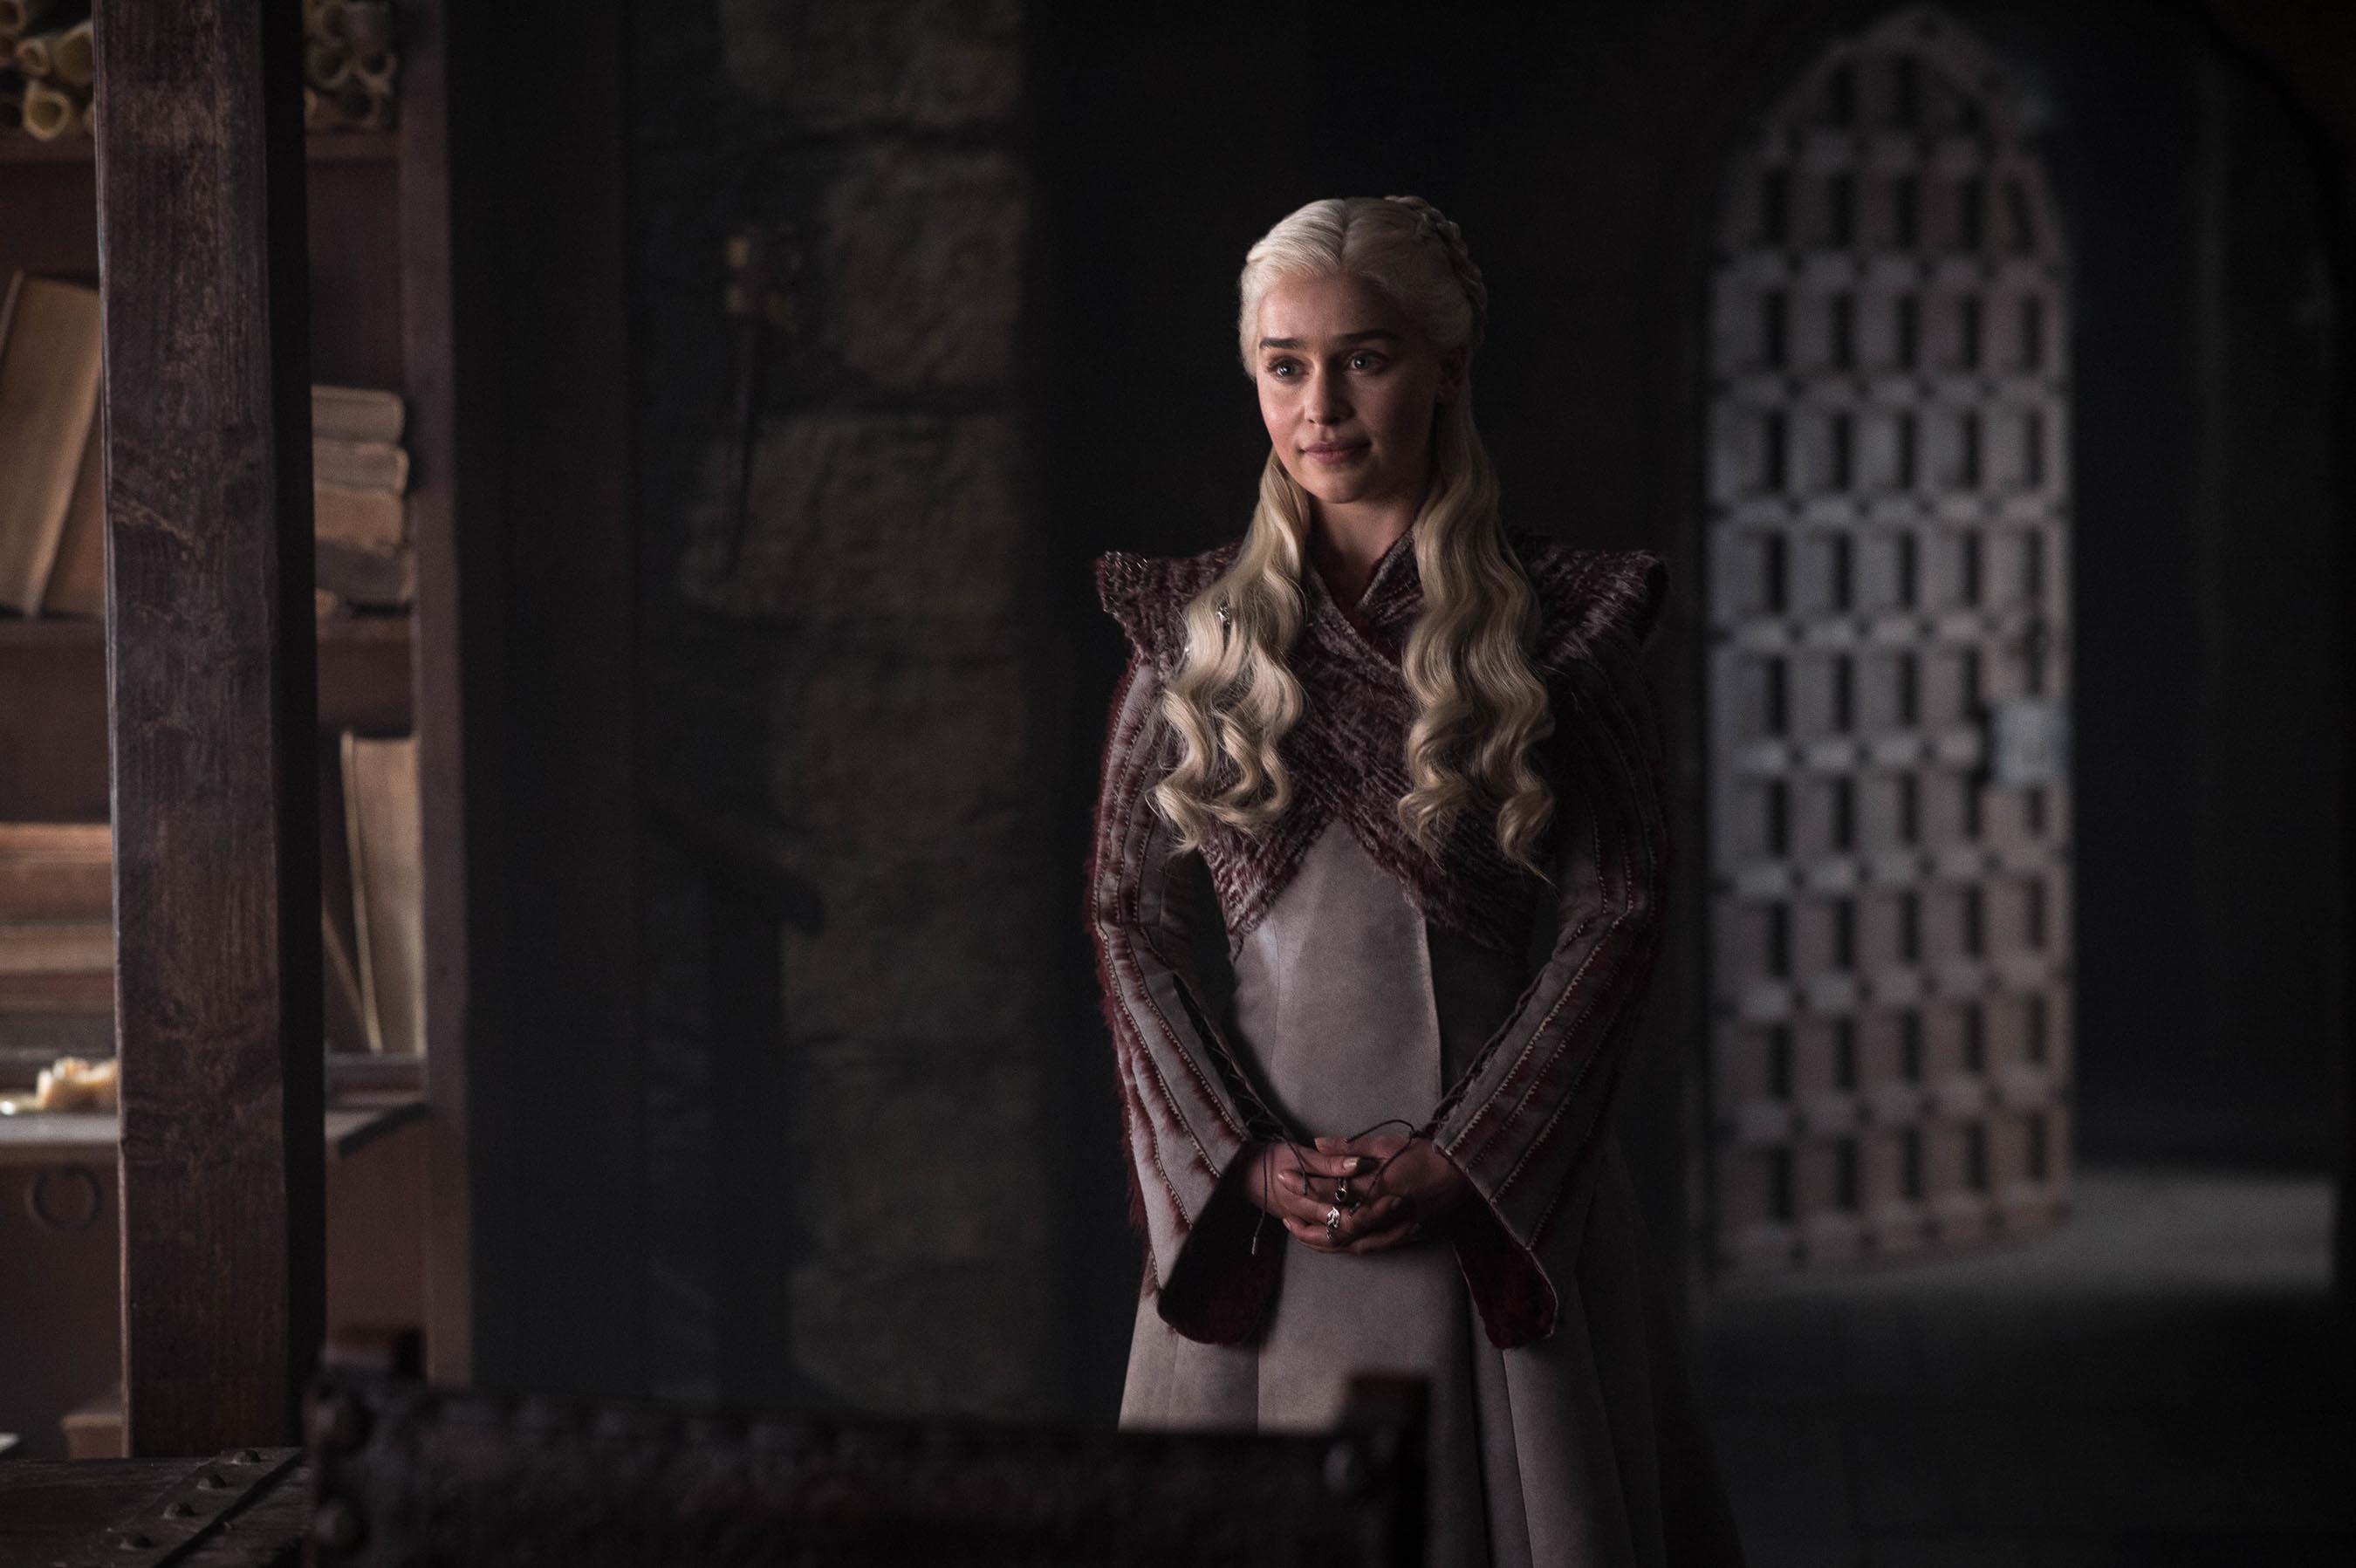 Gra o tron - kubek ze Starbucksa w serialu. HBO komentuje sytuację